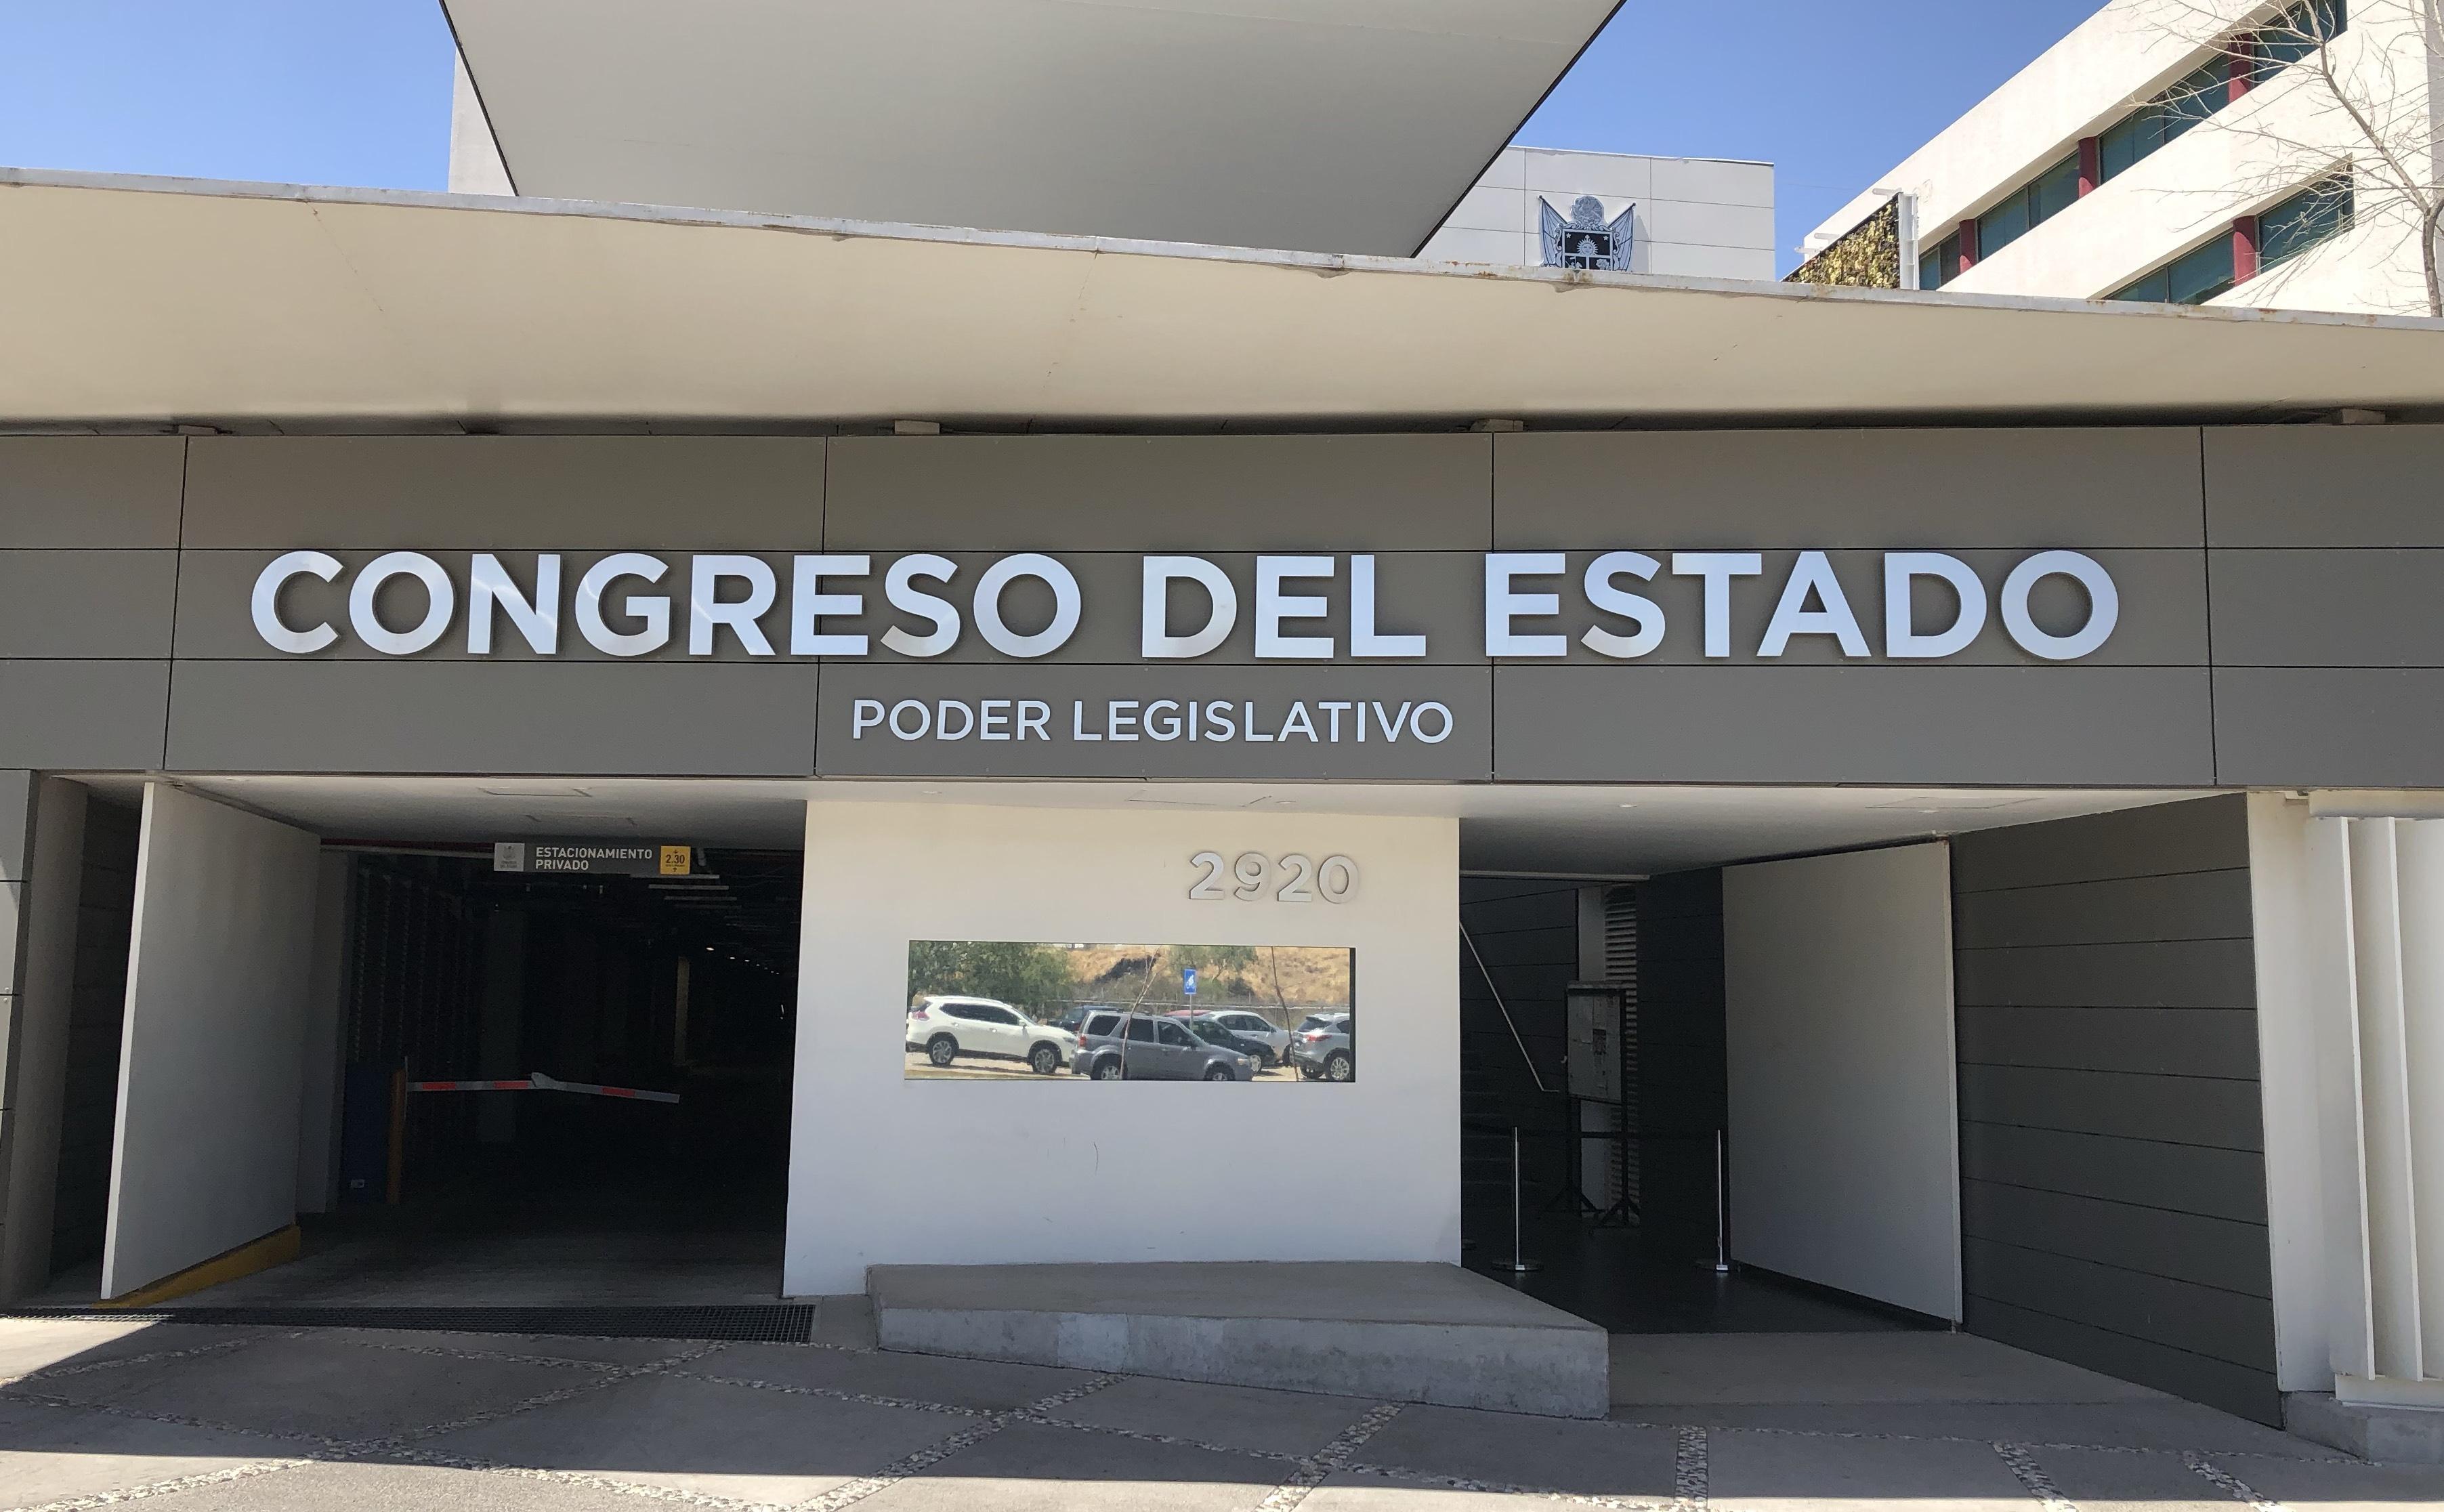 Proponen en el Congreso local cambiar nombre de Comisión del Trabajo a Comisión 2030